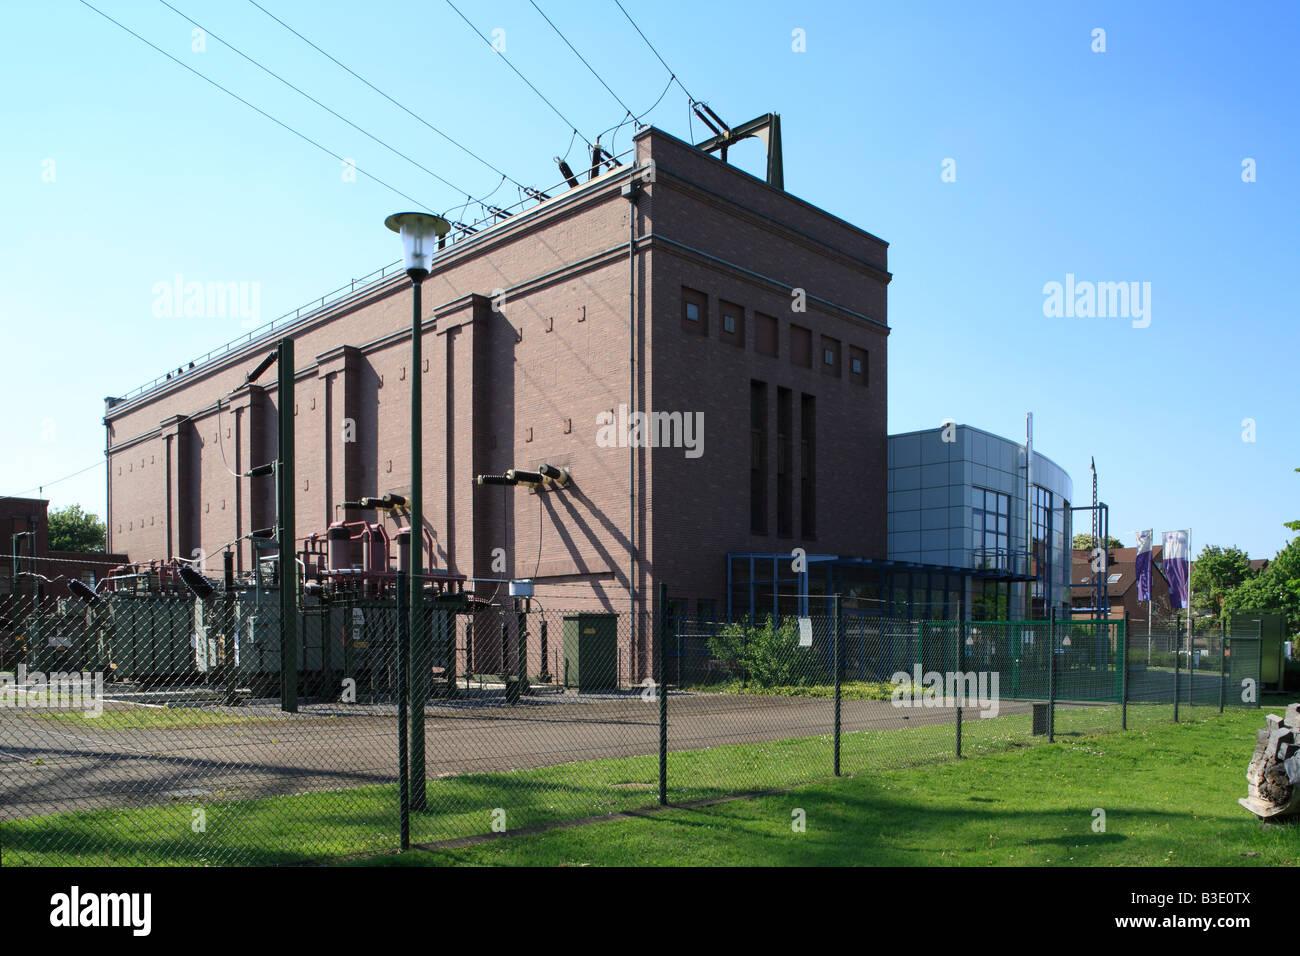 """Route der Industriekultur, Umspannwerk, Schalthaus, Vereinigte Elektrizitaetswerke Westfalen, Museum """"Strom Stockbild"""